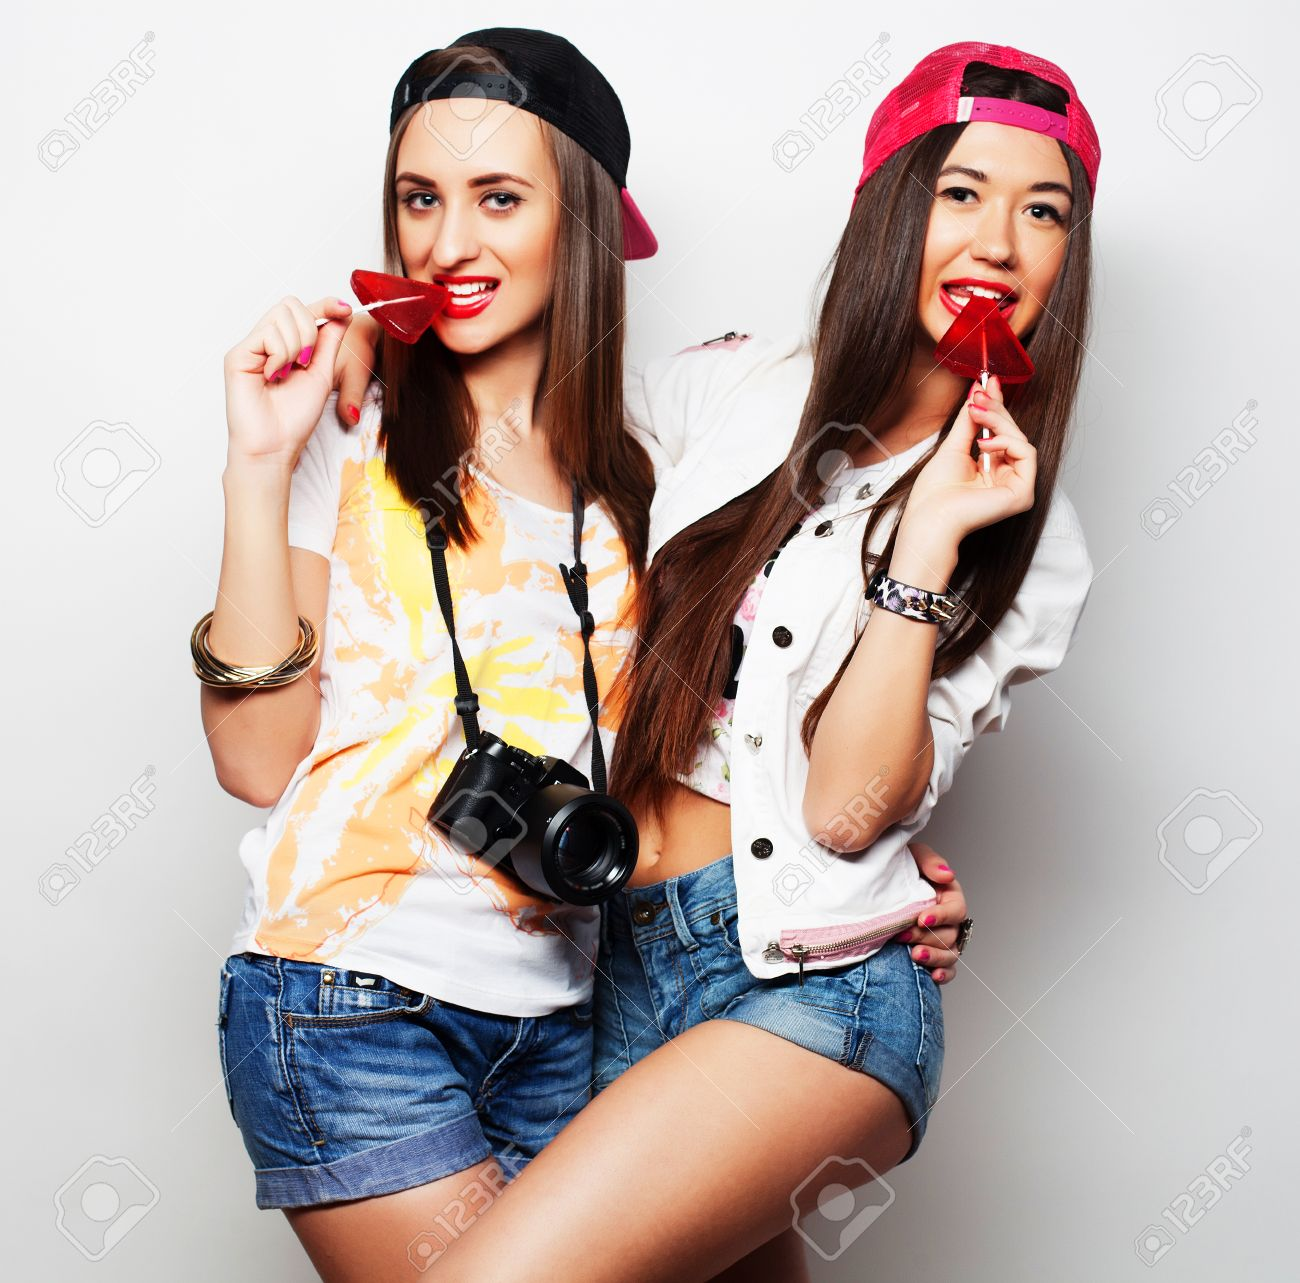 Retrato De Dos Jóvenes Muchachas Bonitas Que Desgastan Inconformista Maquillaje Brillante Y La Celebración De Caramelos